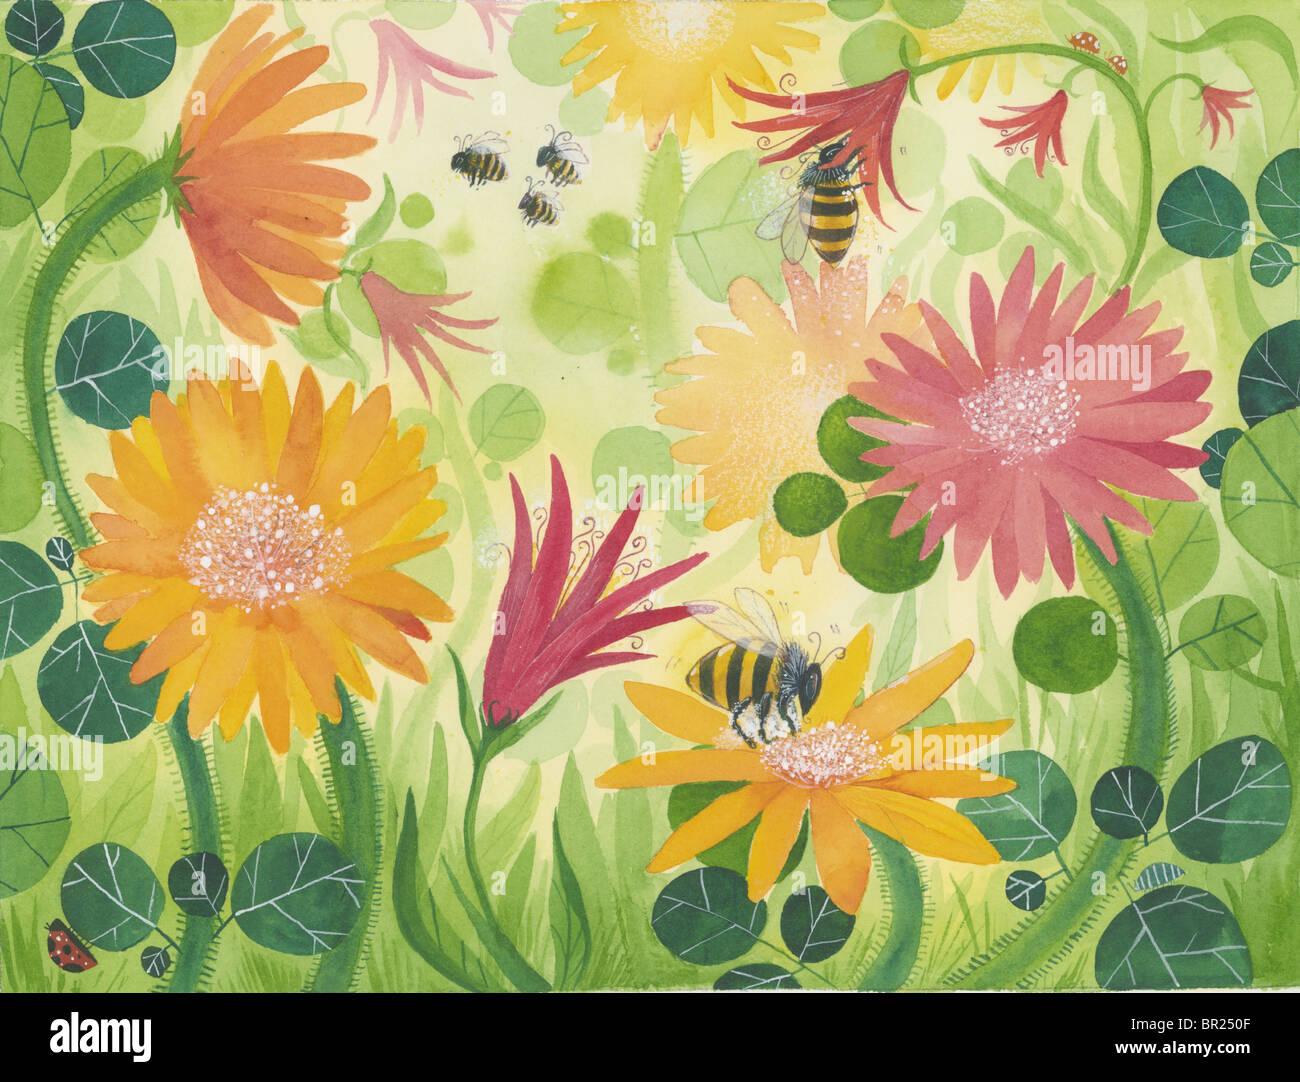 Una imagen de flores de primavera con las abejas Imagen De Stock